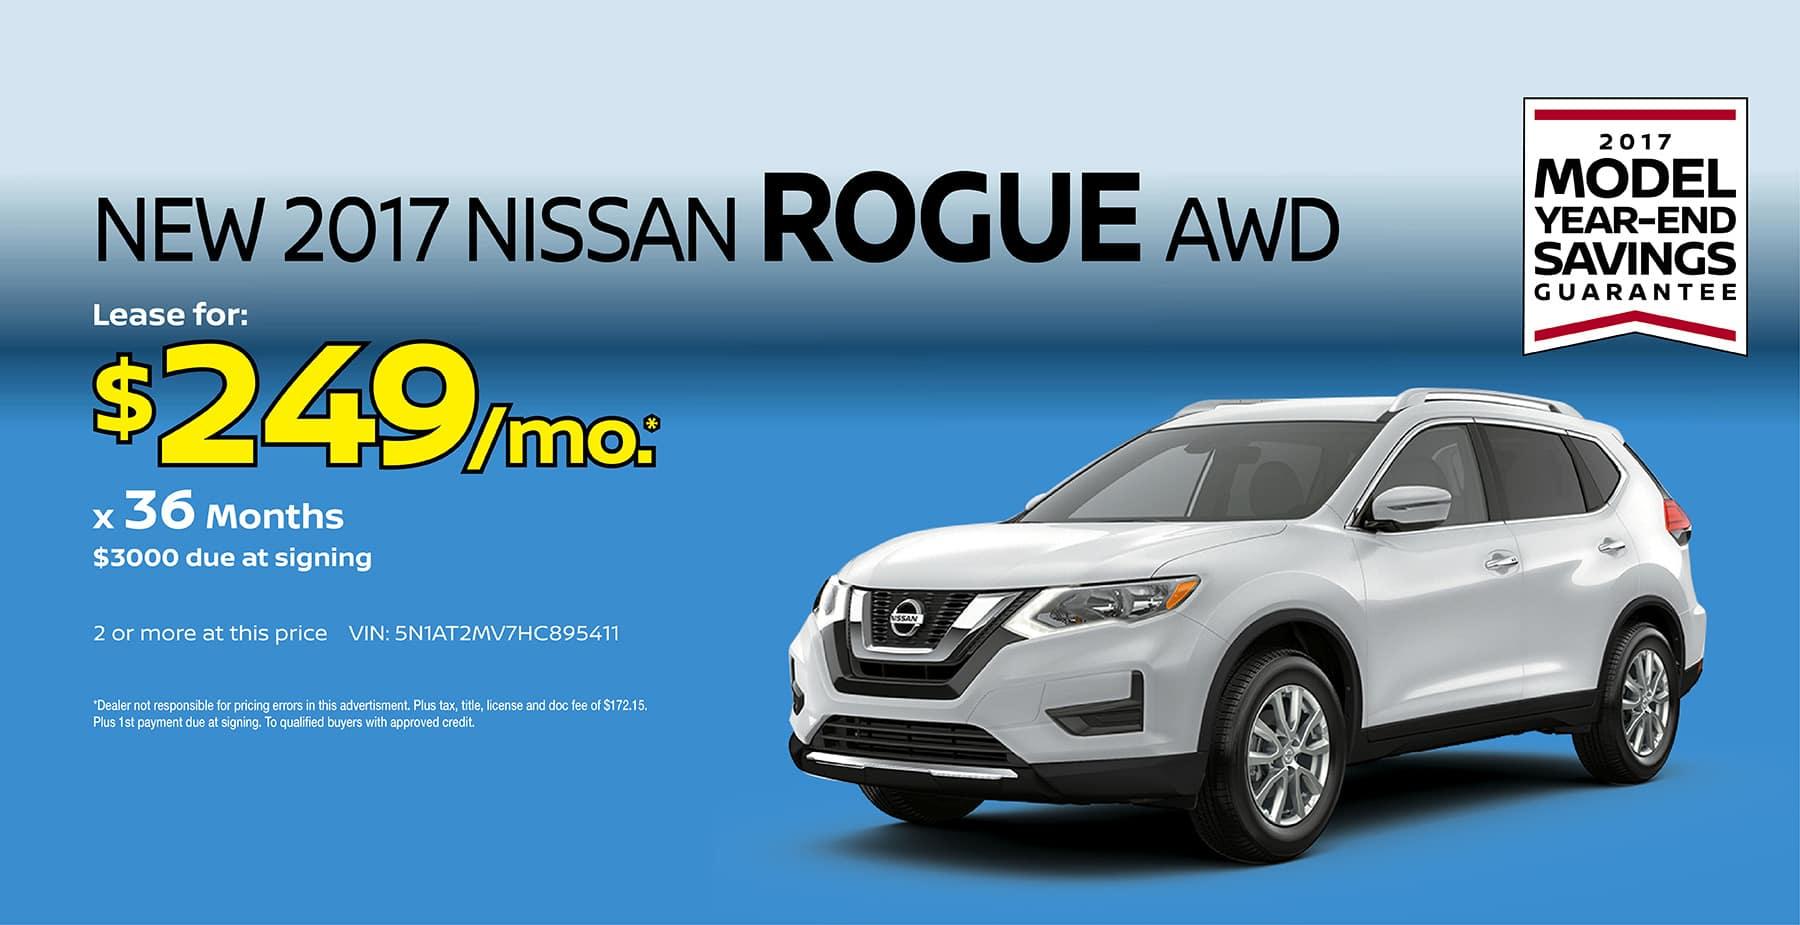 Nissan Rogue Lease Deals Chicago – Lamoureph Blog